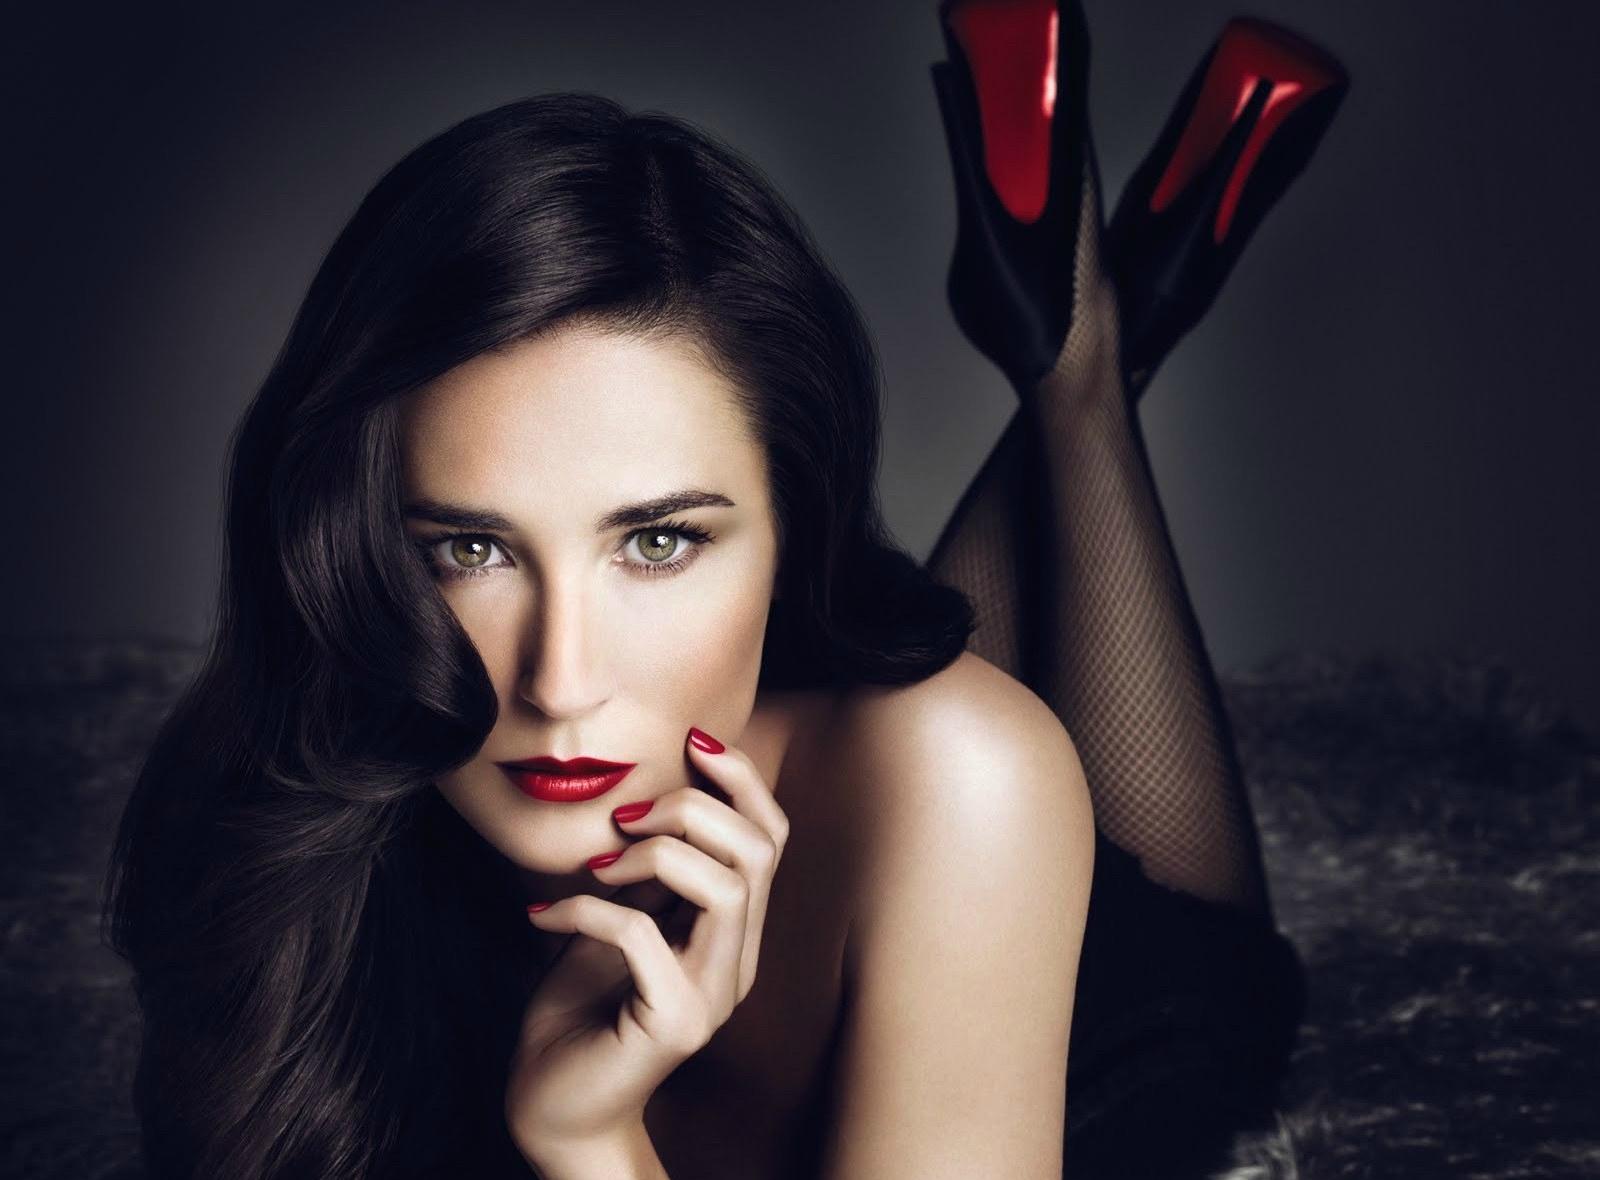 Demi moore sexy legs